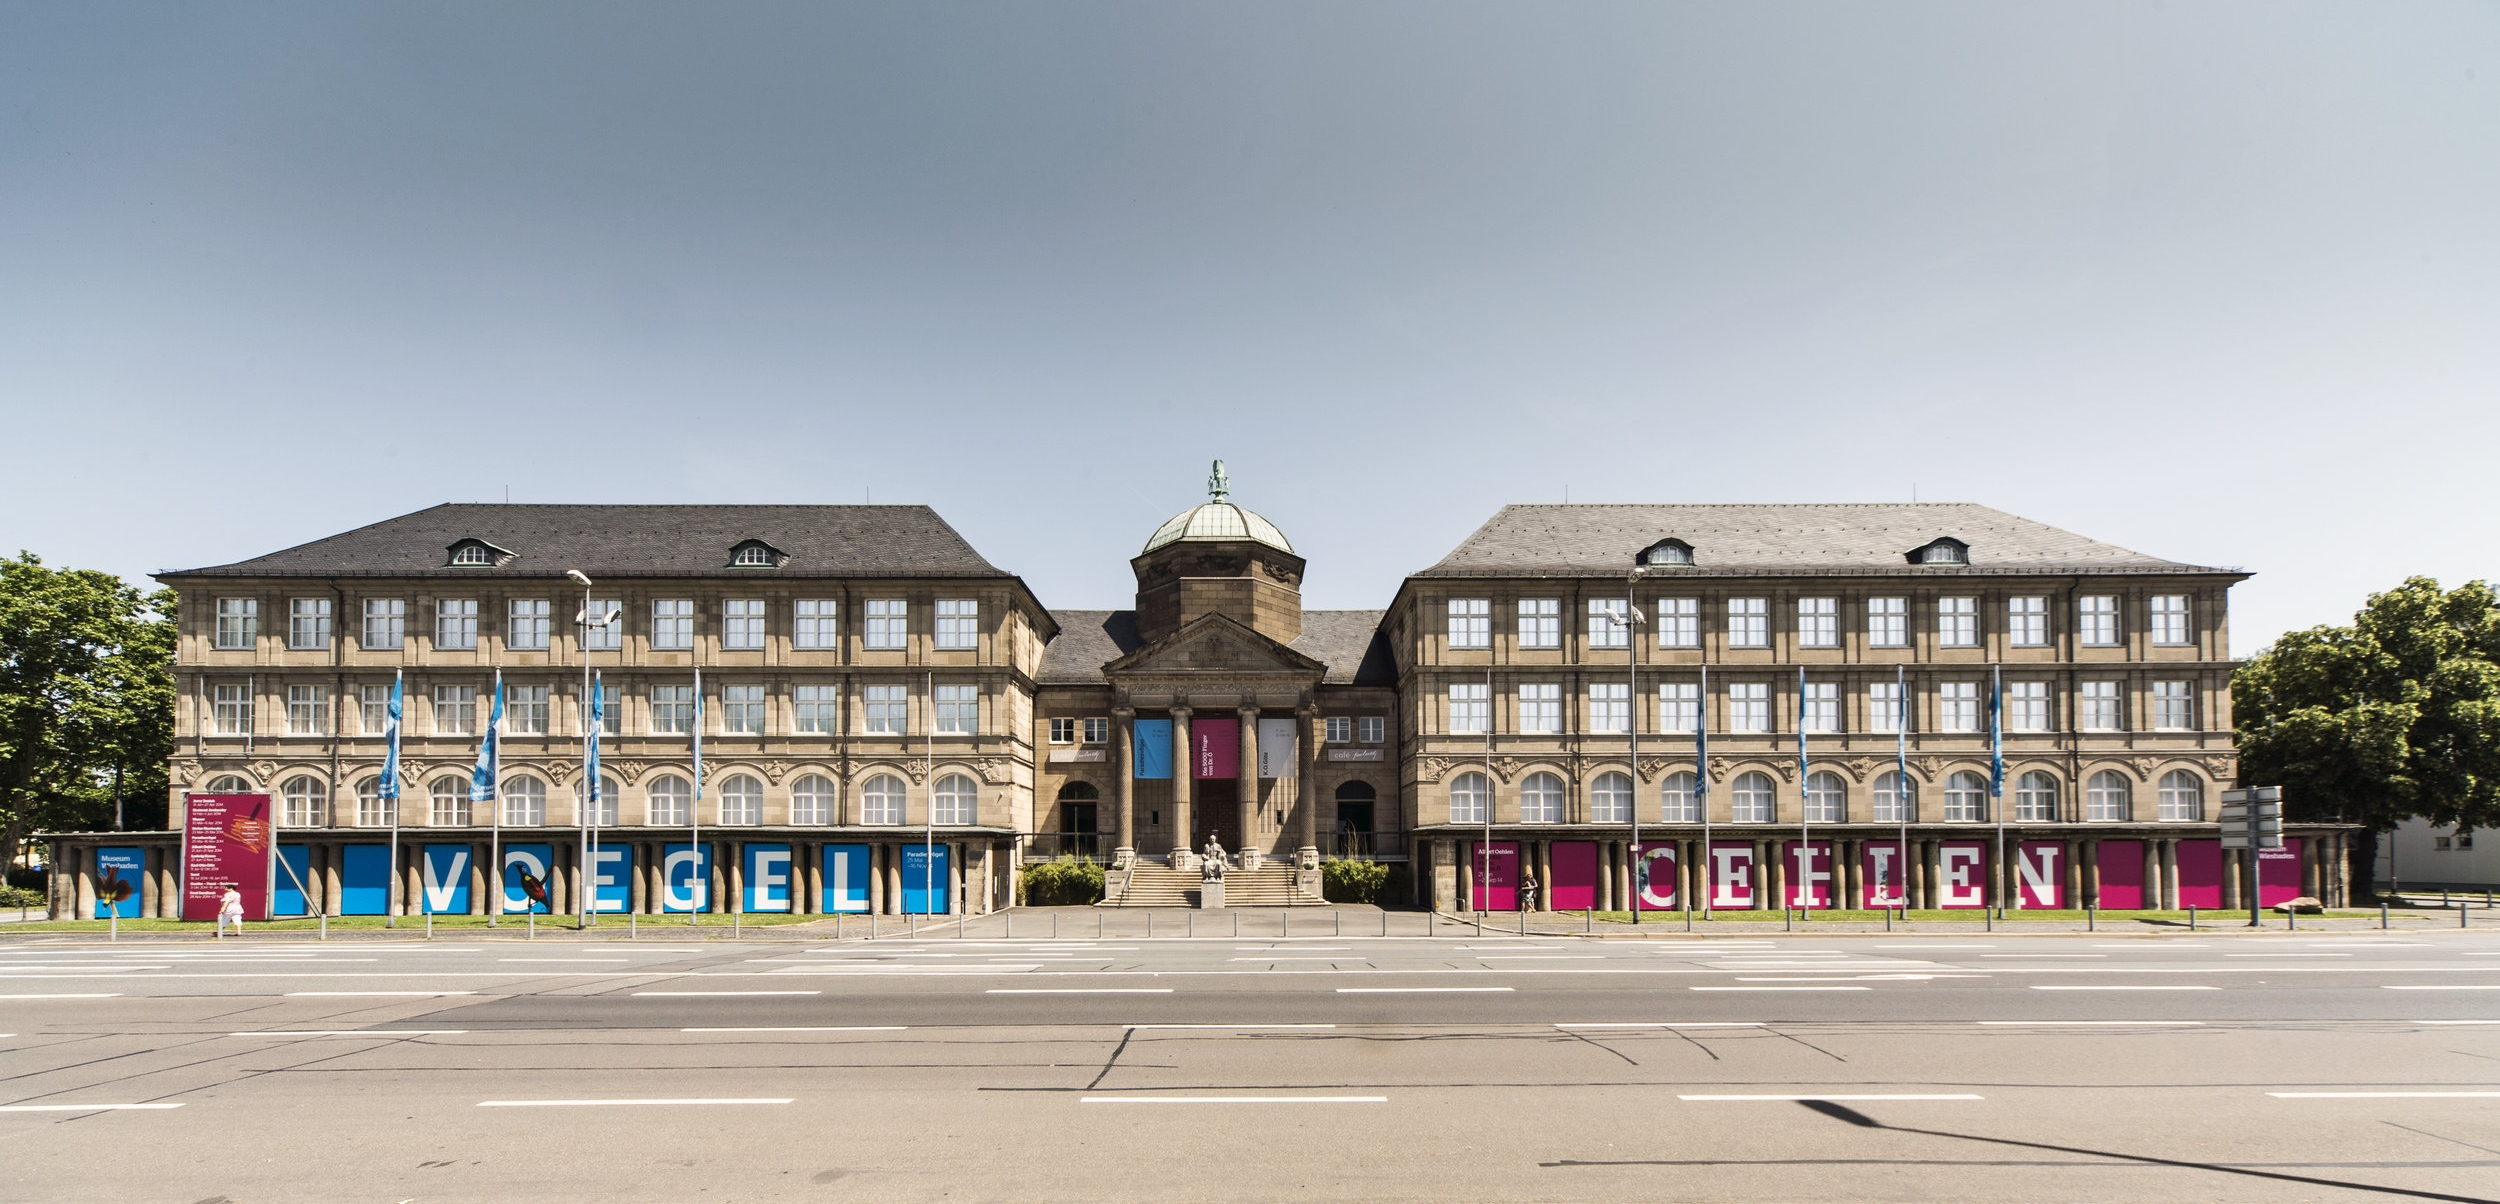 Museum Wiesbaden_Fassade Juni 2014 _2.jpg